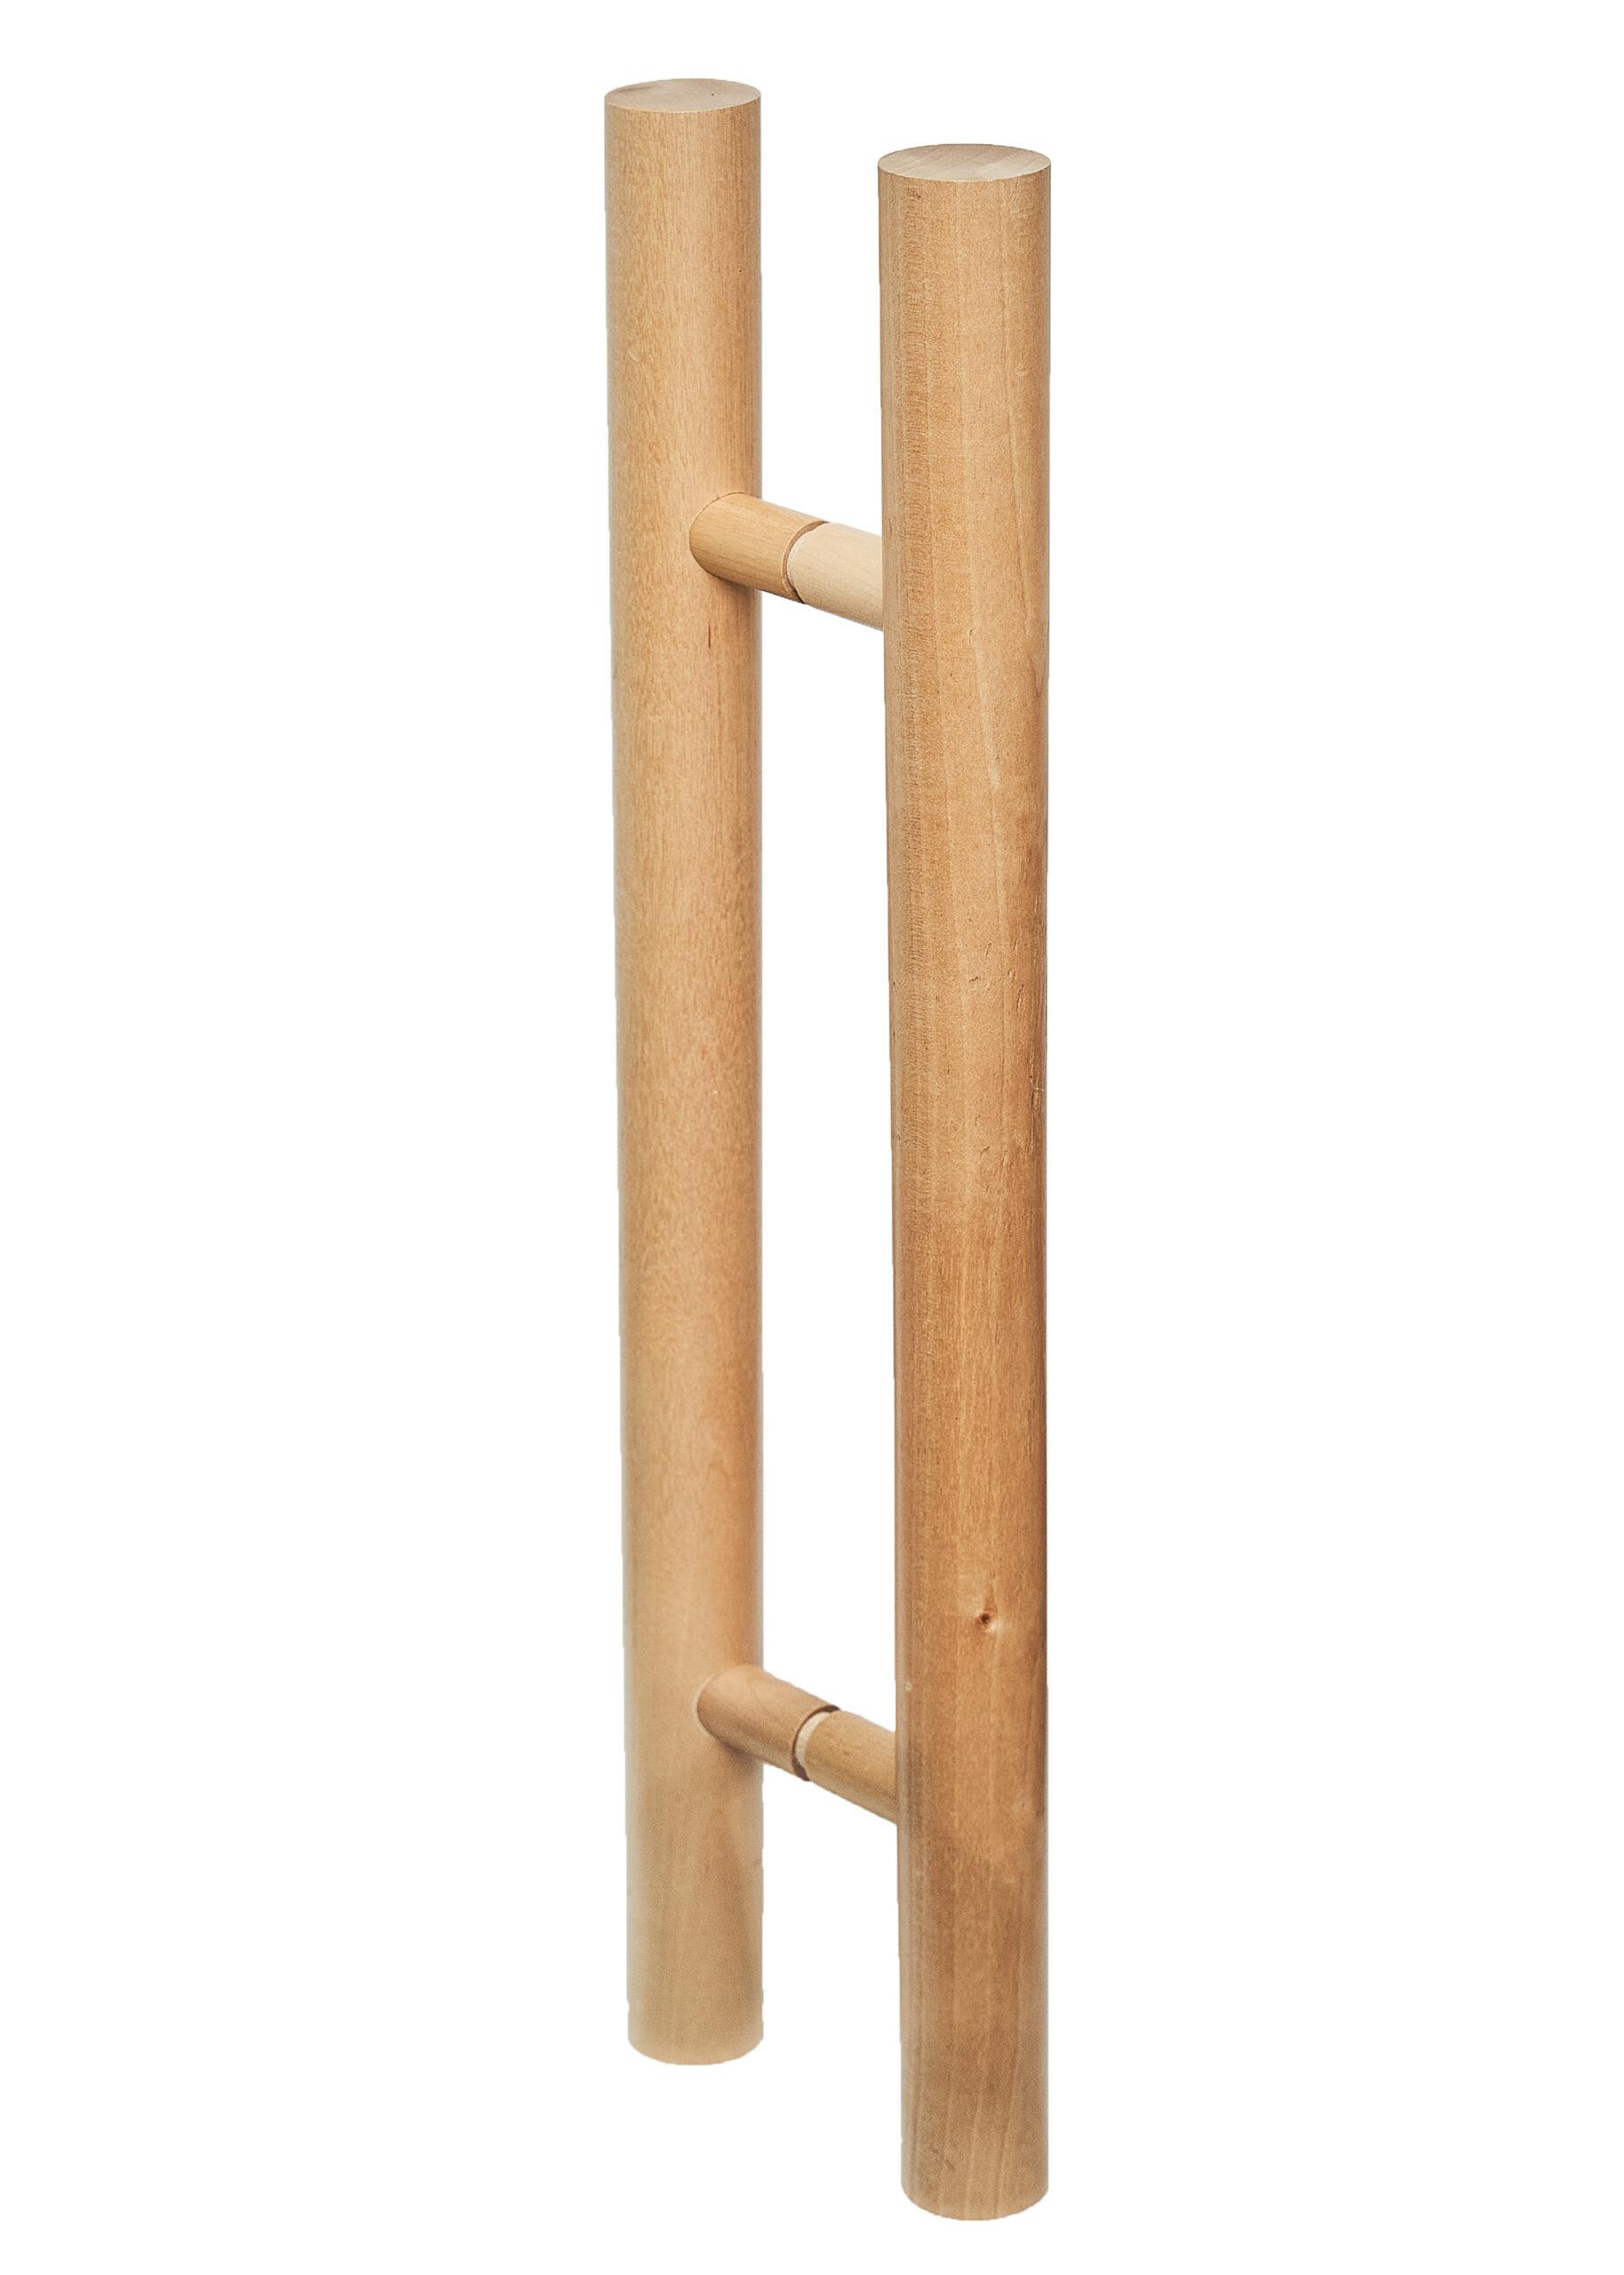 Puit/puit lakitud vertikaalne käepide